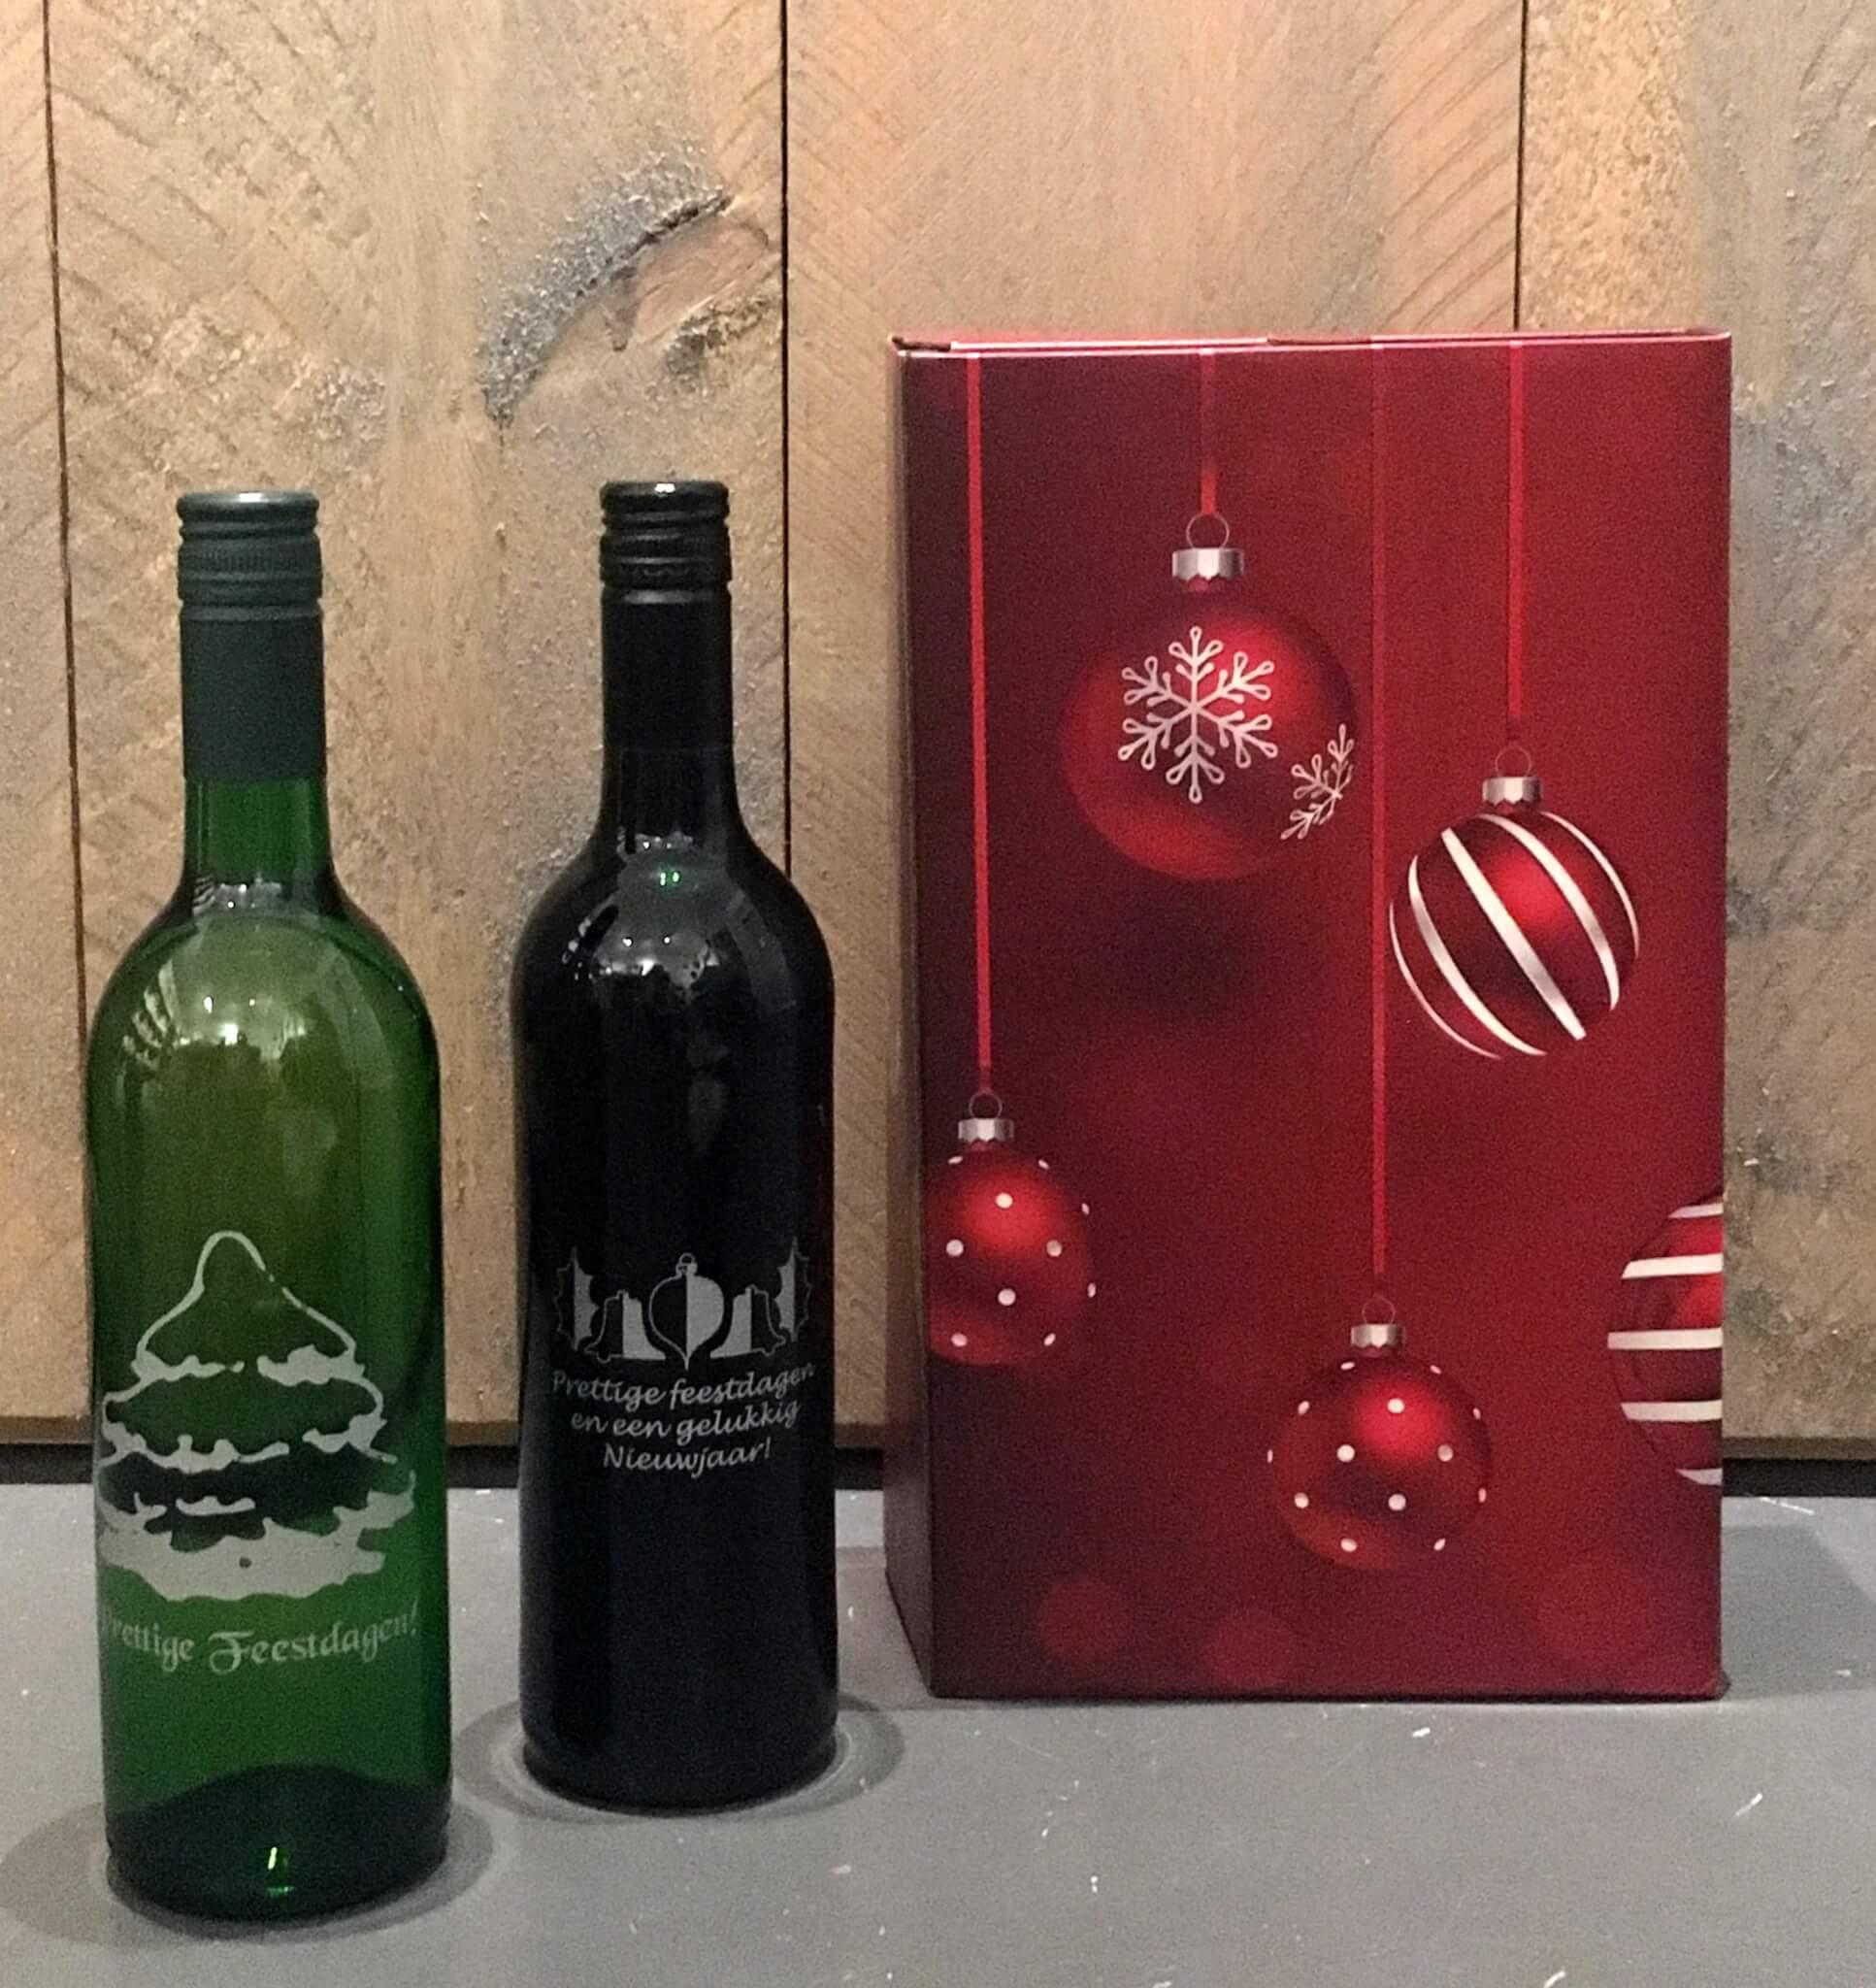 Fruitbedrijf van den Berge kerstpakketten 2018 09